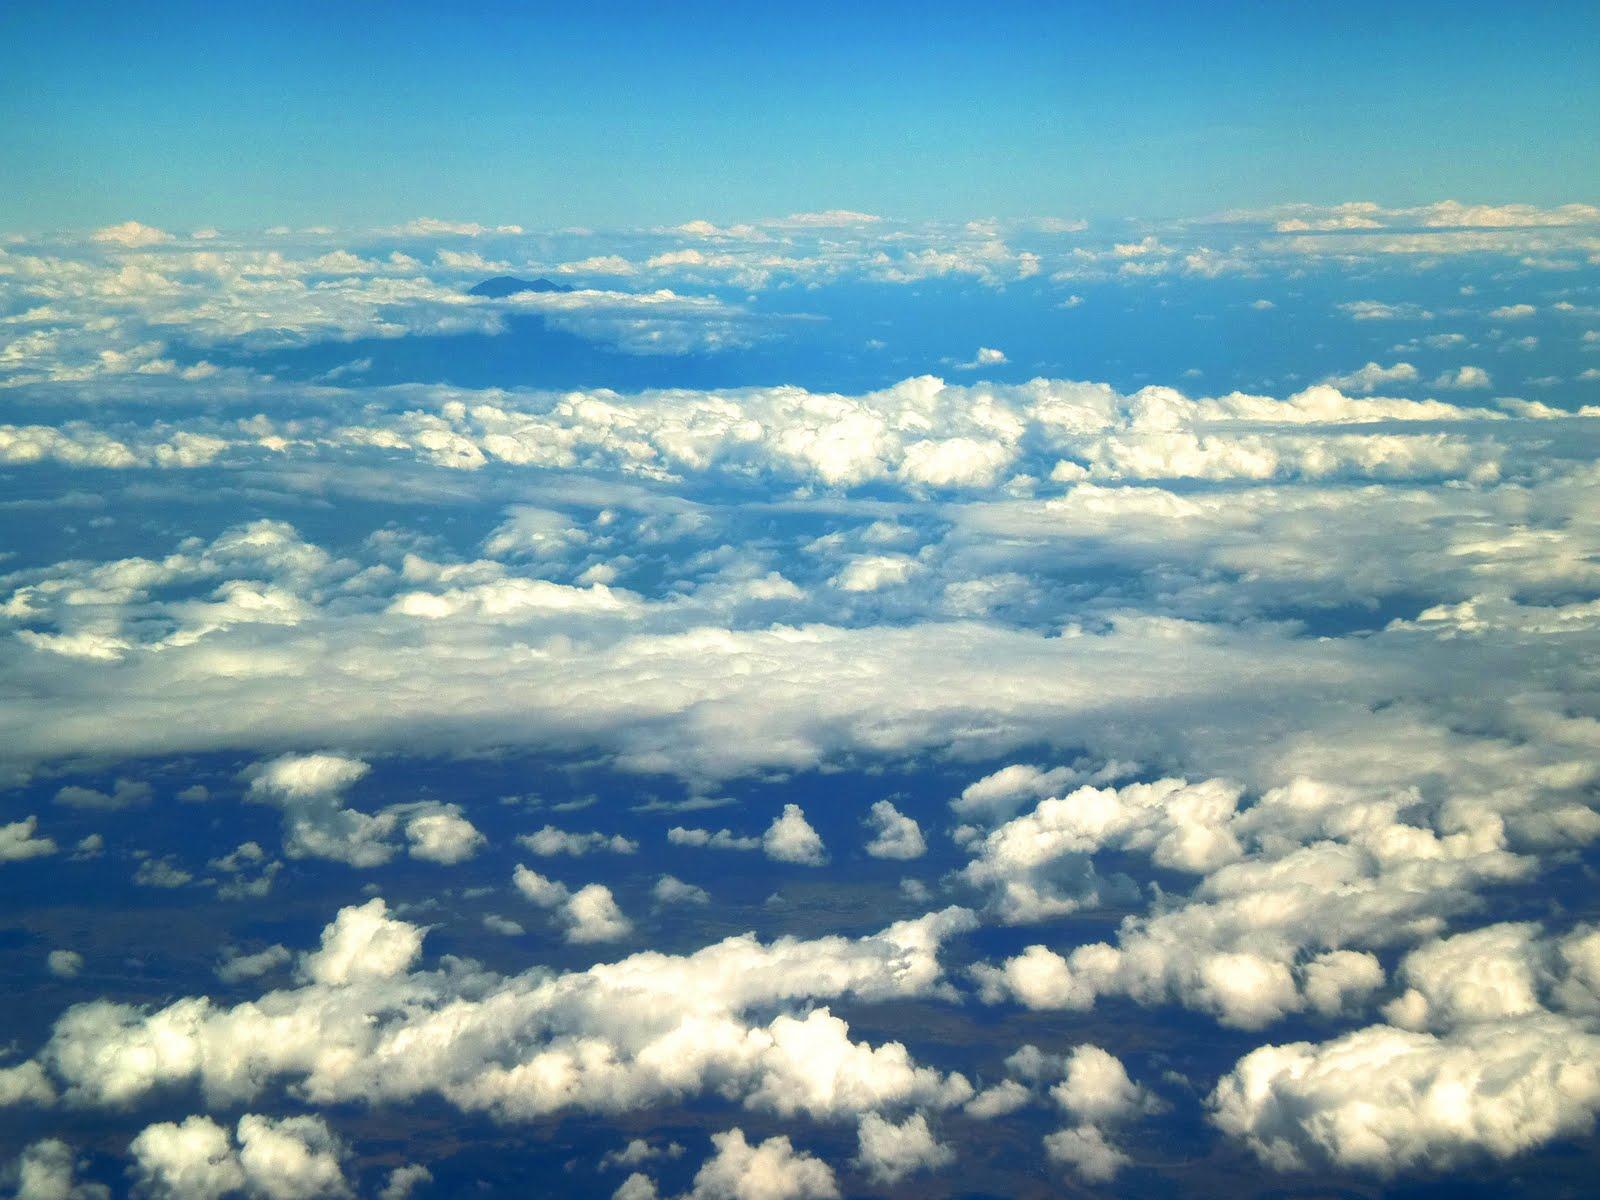 http://2.bp.blogspot.com/-ik50RUrTrIU/ThwSi2Q0vQI/AAAAAAAAApU/mN7iOA1WAz4/s1600/plane1.jpg